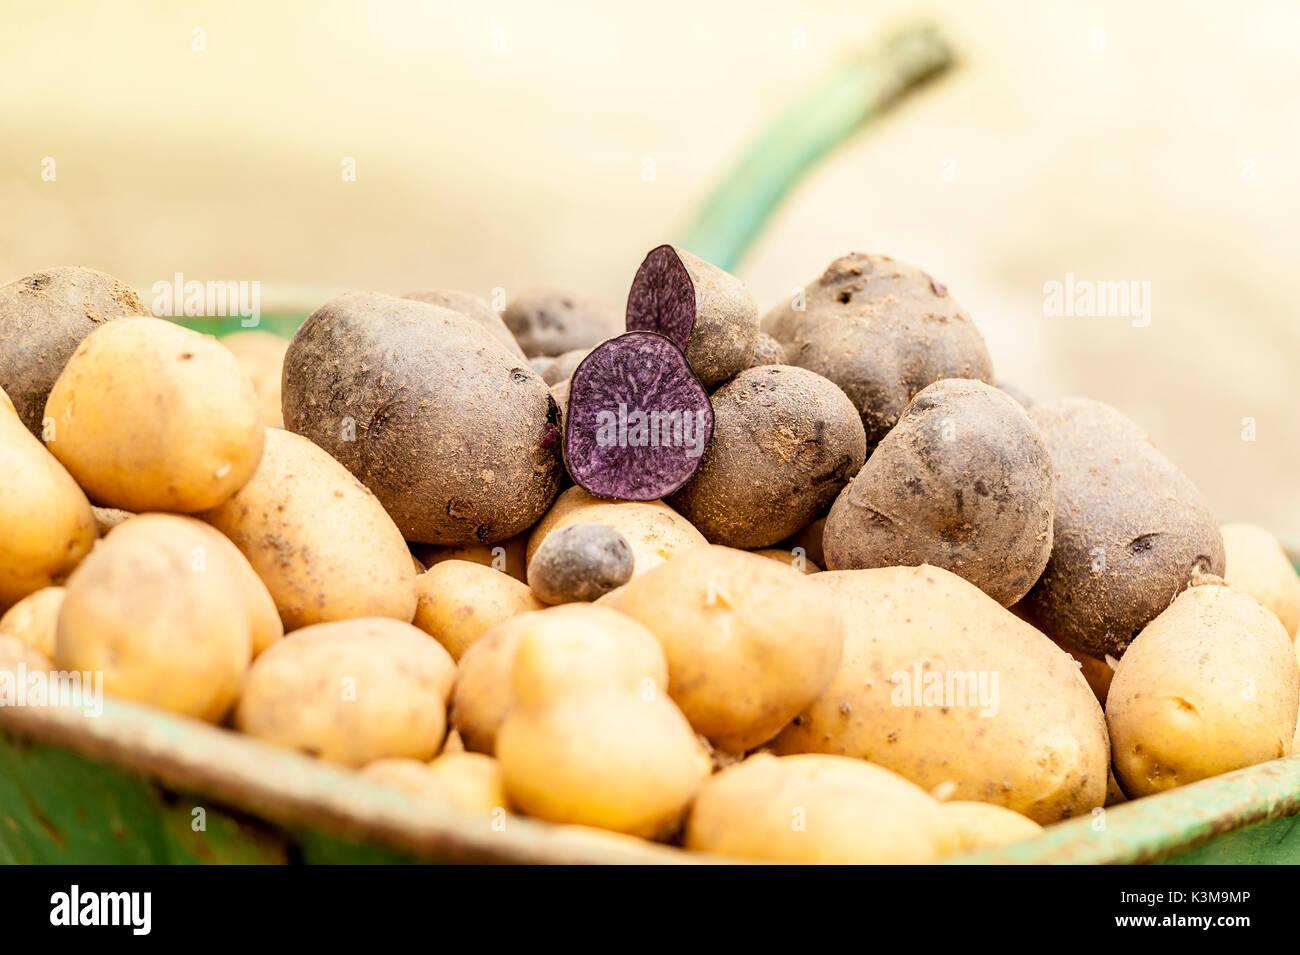 Patatas, hortalizas, cosecha, producir, granja Imagen De Stock